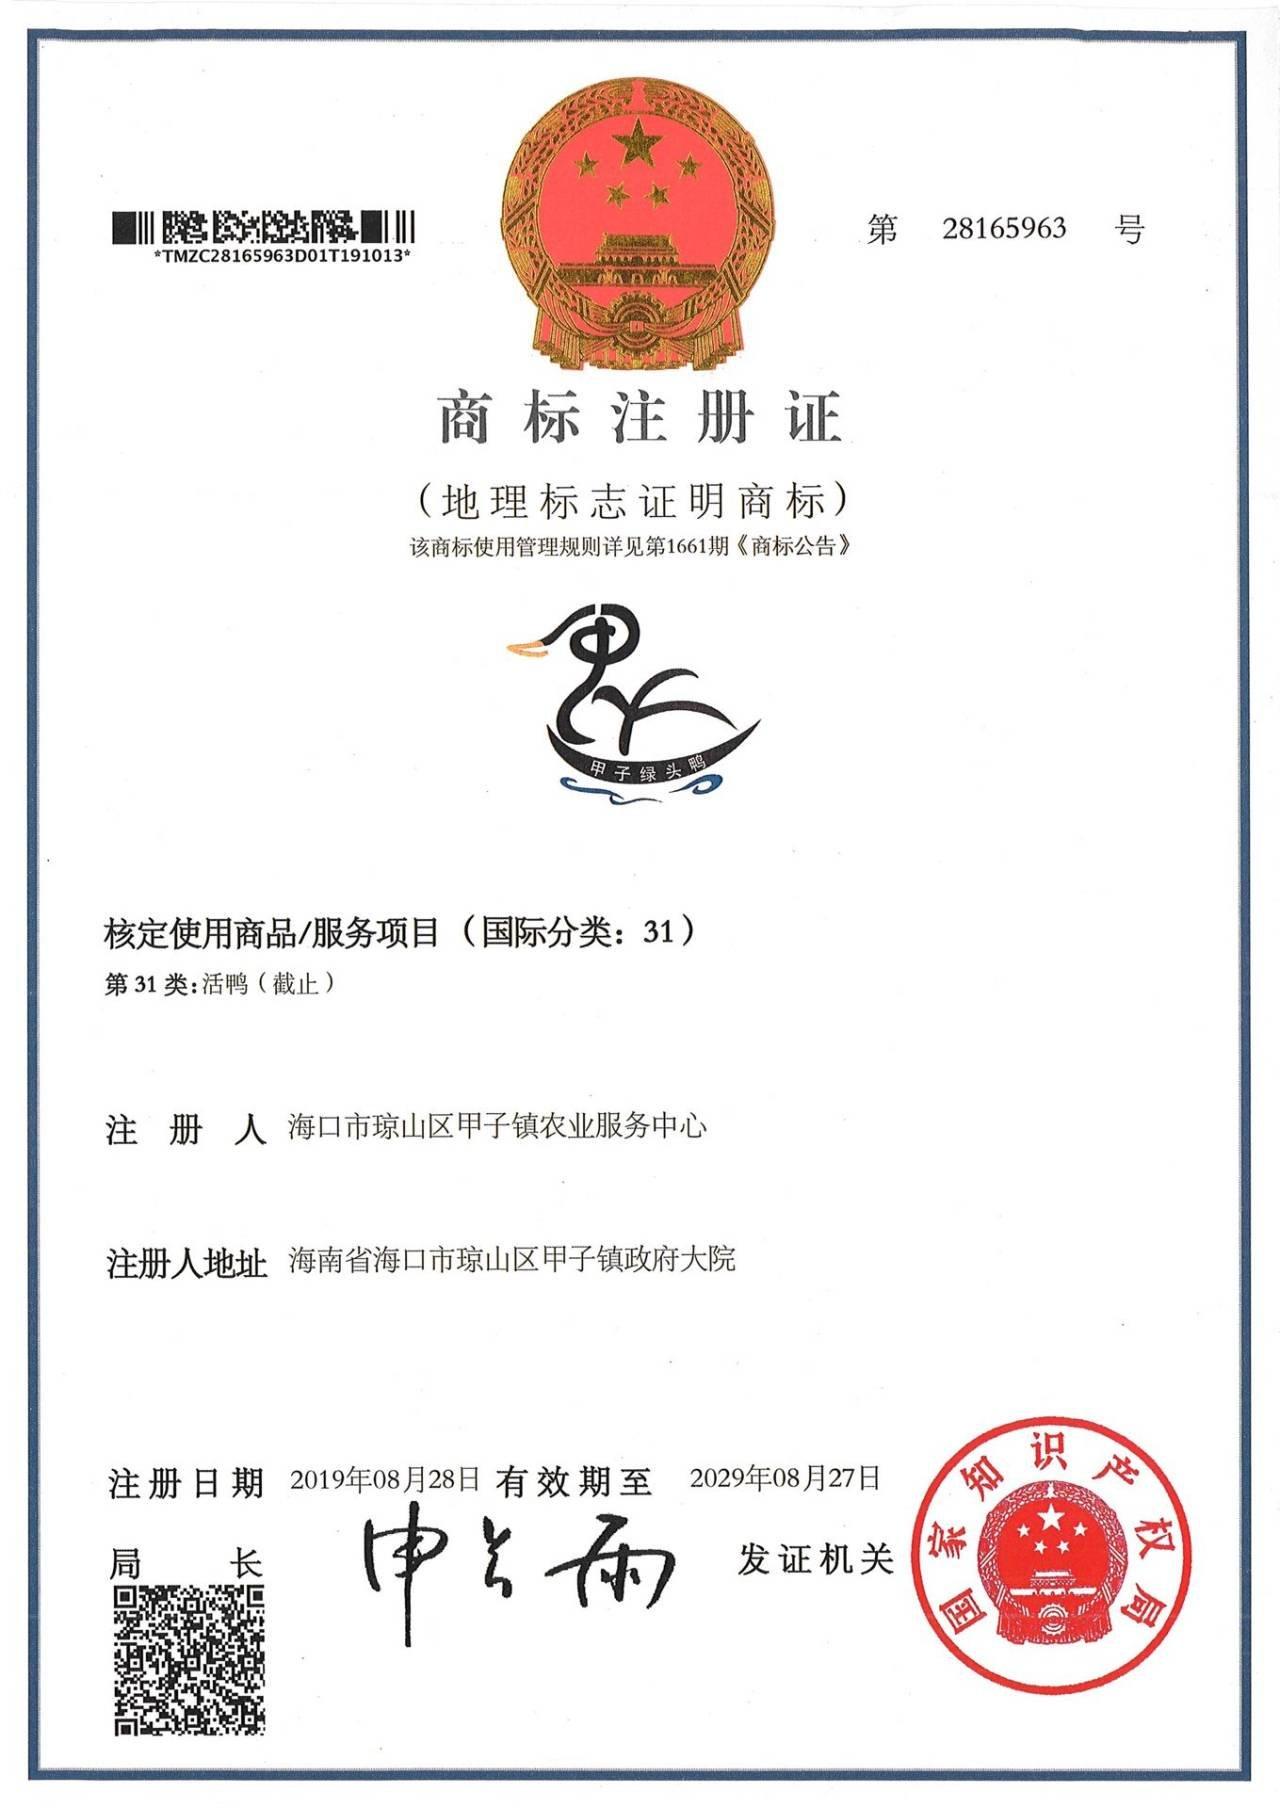 """琼山擦亮特色农产品品牌 """"甲子绿头鸭""""获评国家地理标志证明商标"""